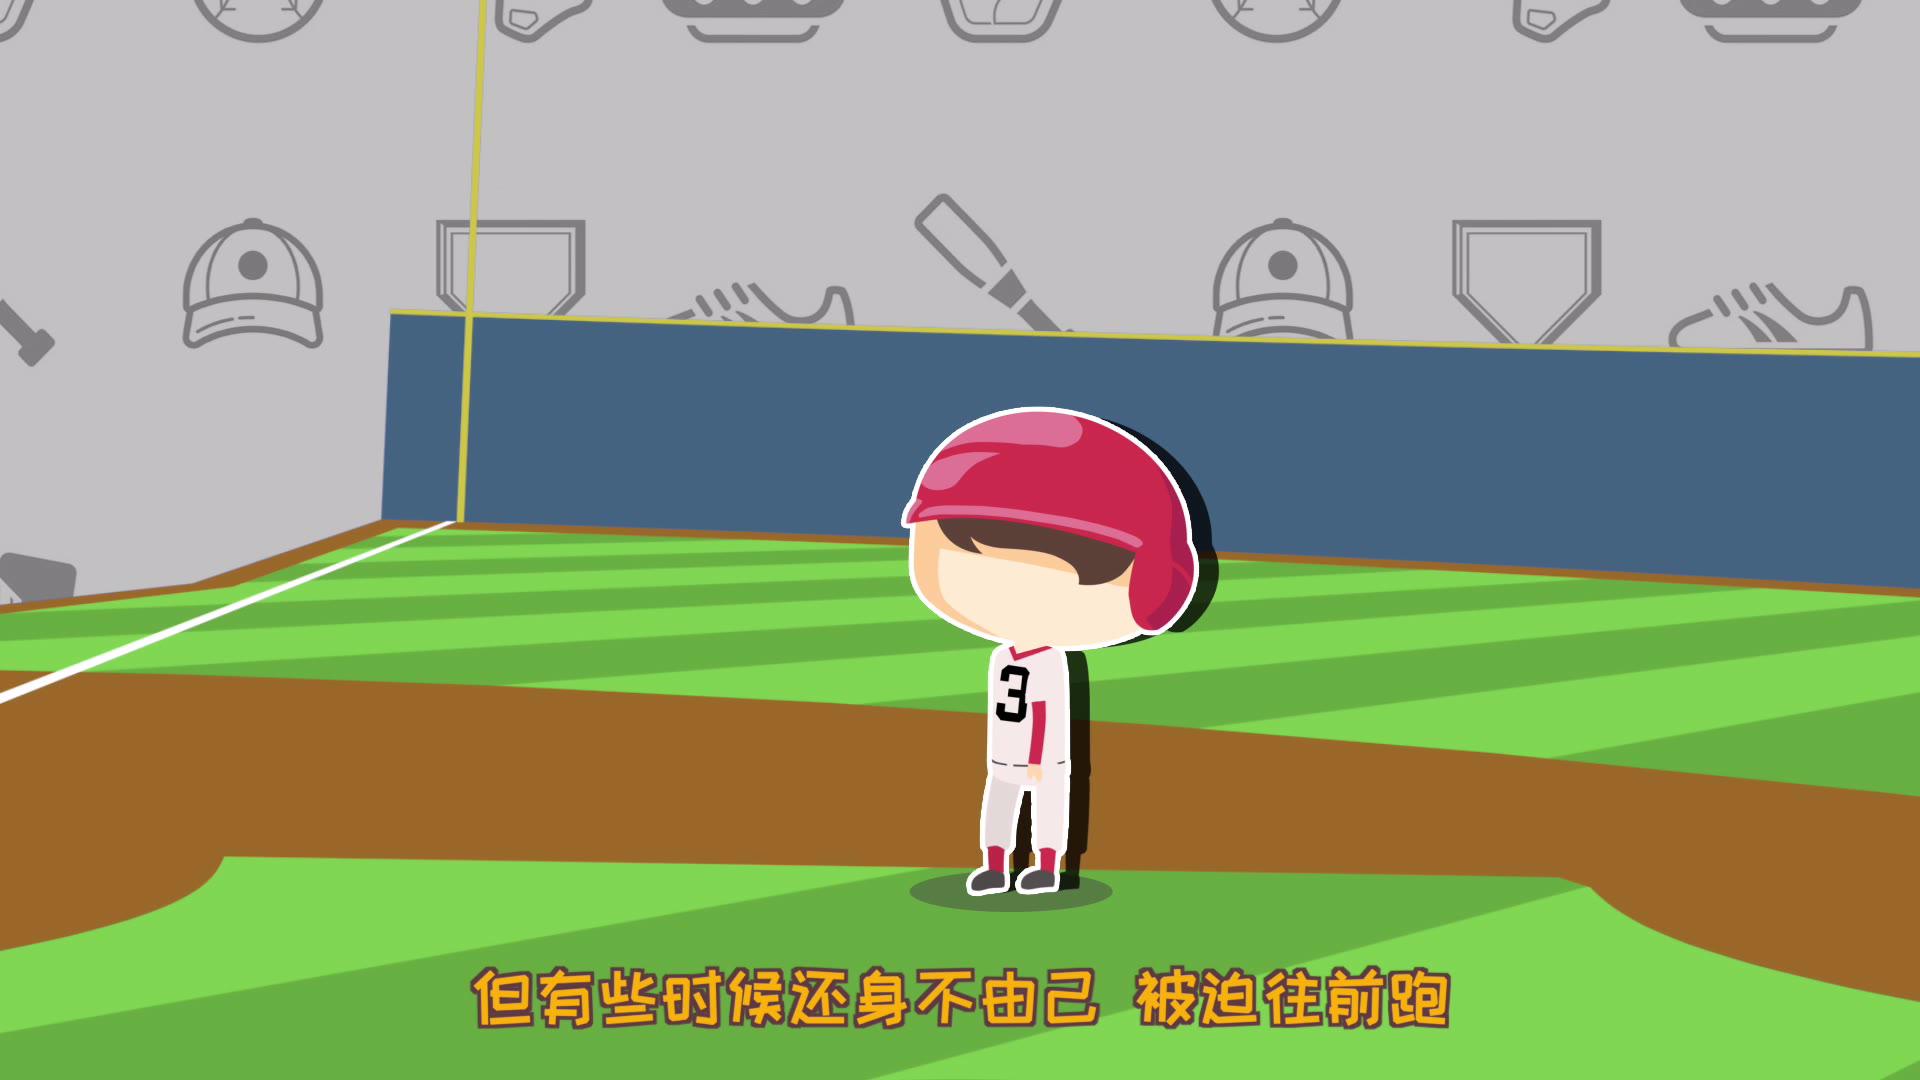 第七集 棒球规则之跑垒员为什么会被迫上垒【棒球101】